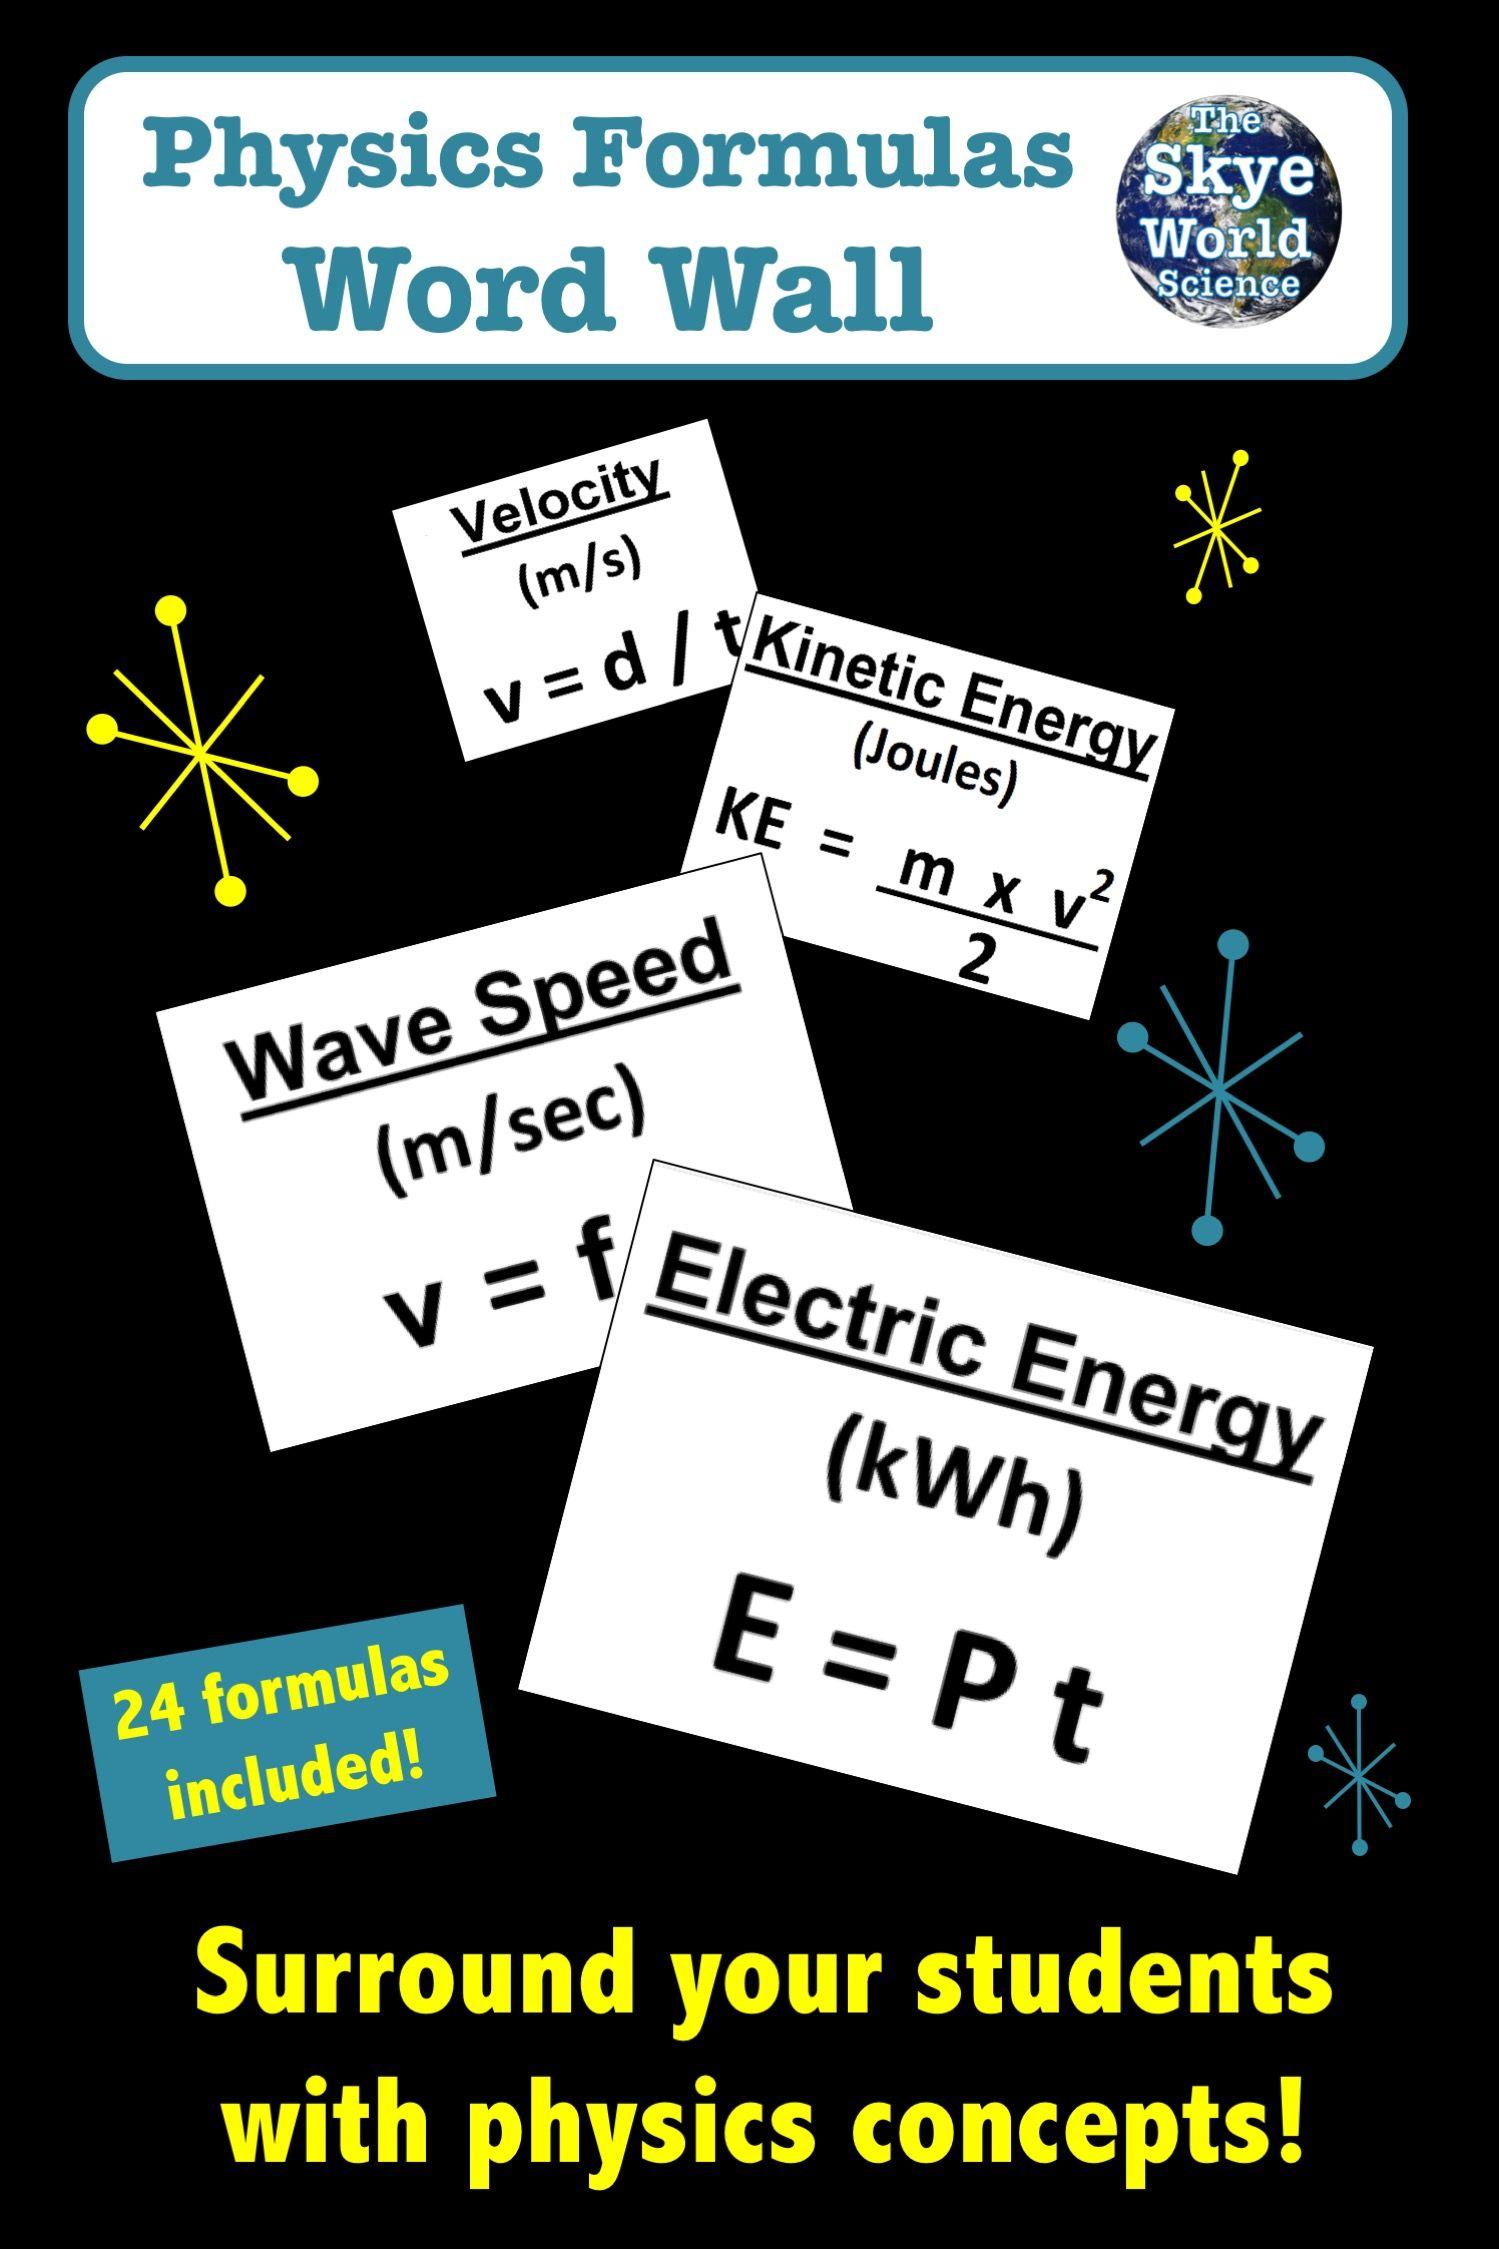 Physics Bulletin Board Physics Formulas Physics Teacher Observation [ 2249 x 1499 Pixel ]